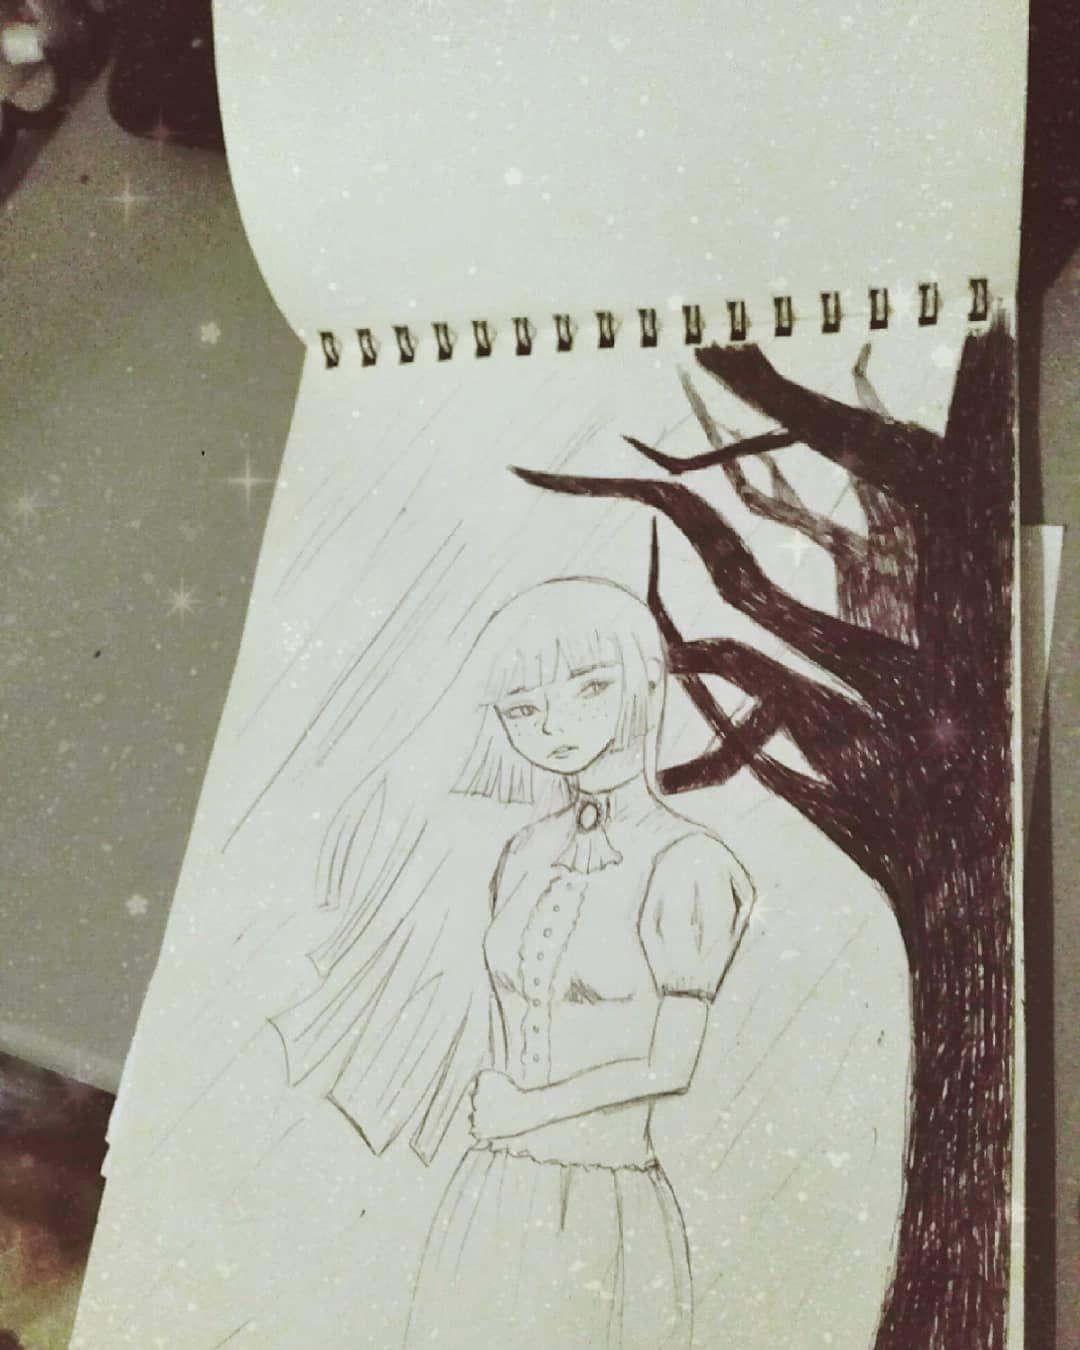 Credo che darò una sistemata a questo profilo...le cose rosa mi disturbano e me lo fanno vedere disordinato   Un giorno riuscirò ad avere tratti più morbidi e meno spigolosi ...magari anche più proporzionati e simmetrici . . . #art #artwork #gothicart #manga #anime #drawing #drawer #goth #draw #draw #cozy #cozytime #flatlays #flatlay #magariungiorno Credo che darò una sistemata a questo profilo...le cose rosa mi disturbano e me lo fanno vedere disordinato   Un giorno riuscirò ad avere trat #magariungiorno